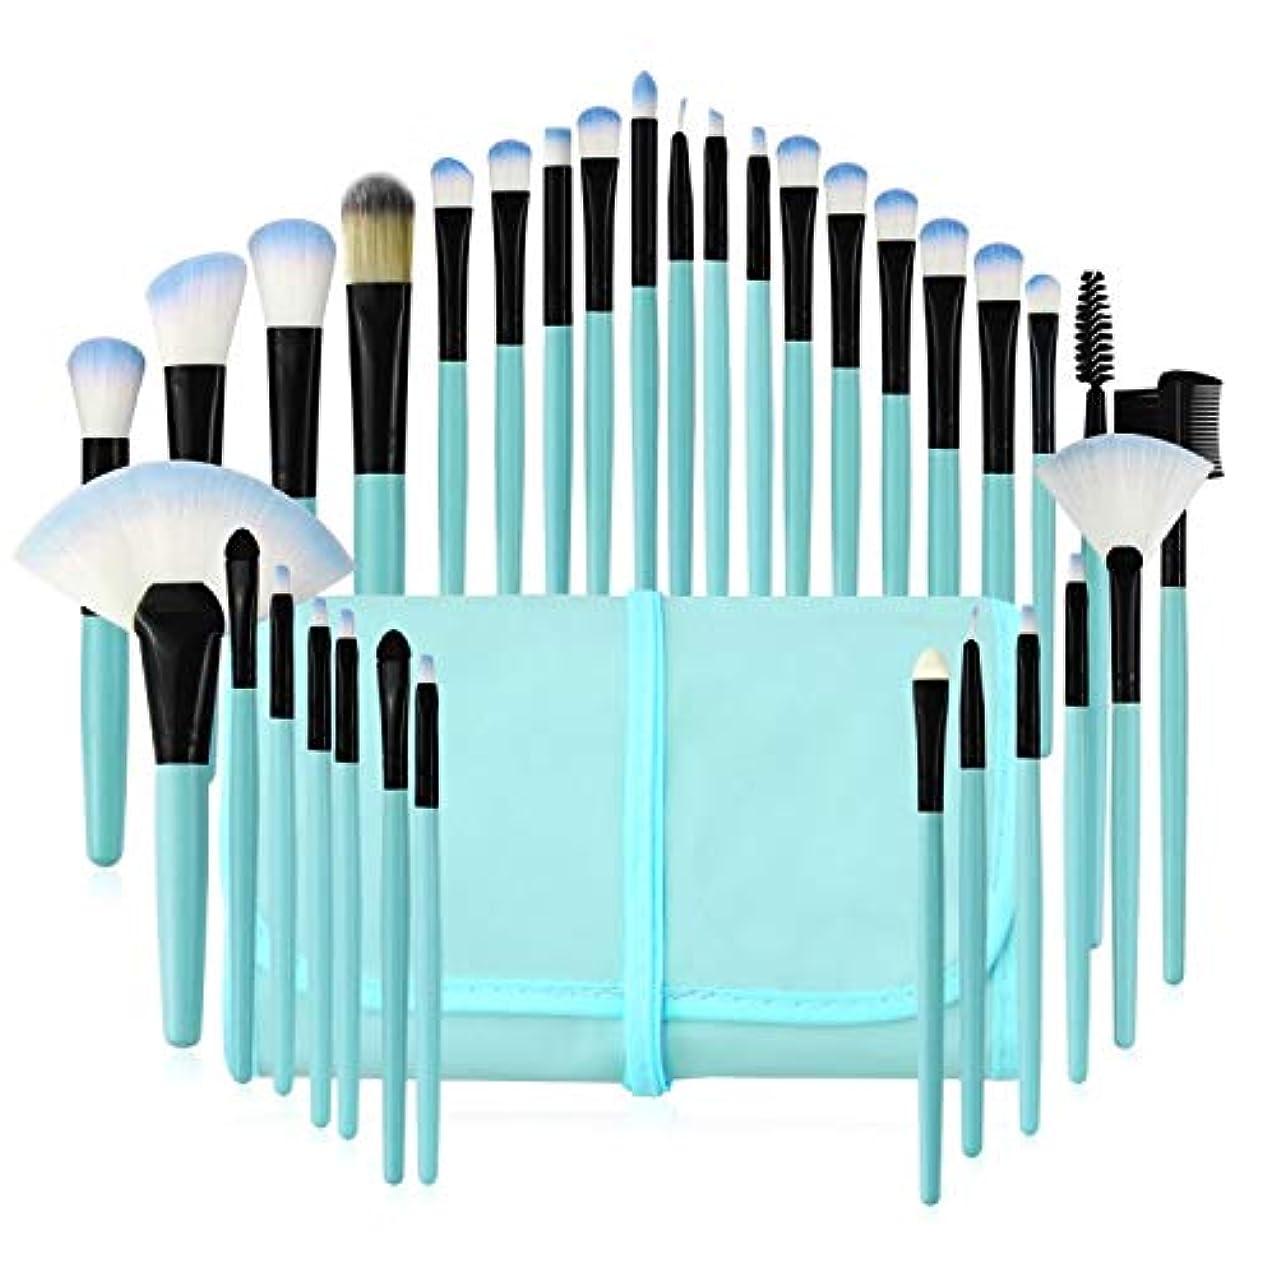 メイクブラシ32本 セット フェイスブラシ 化粧筆 化粧ブラシ おしゃれ 超柔らかい 高級繊維毛 化粧ポーチ付き 高級タクロン 日常の化粧 集まる化粧(ブルー)